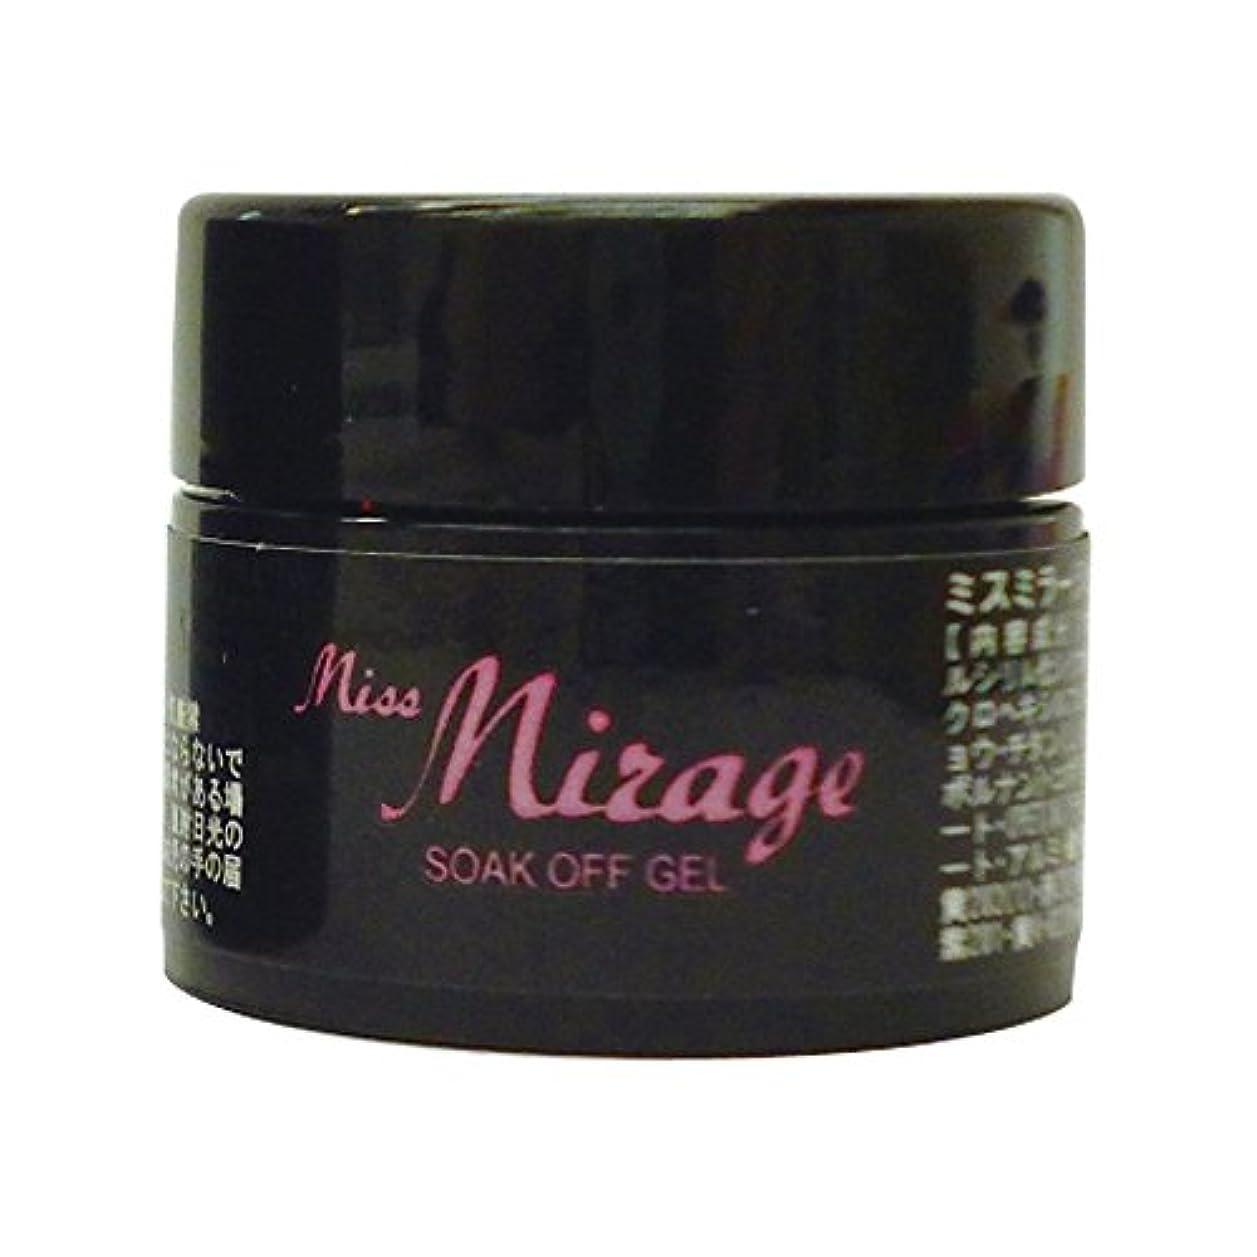 レギュラー差し迫った弱点Miss Mirage カラージェル TM42S トゥルーリースモーキーベージュ 2.5g